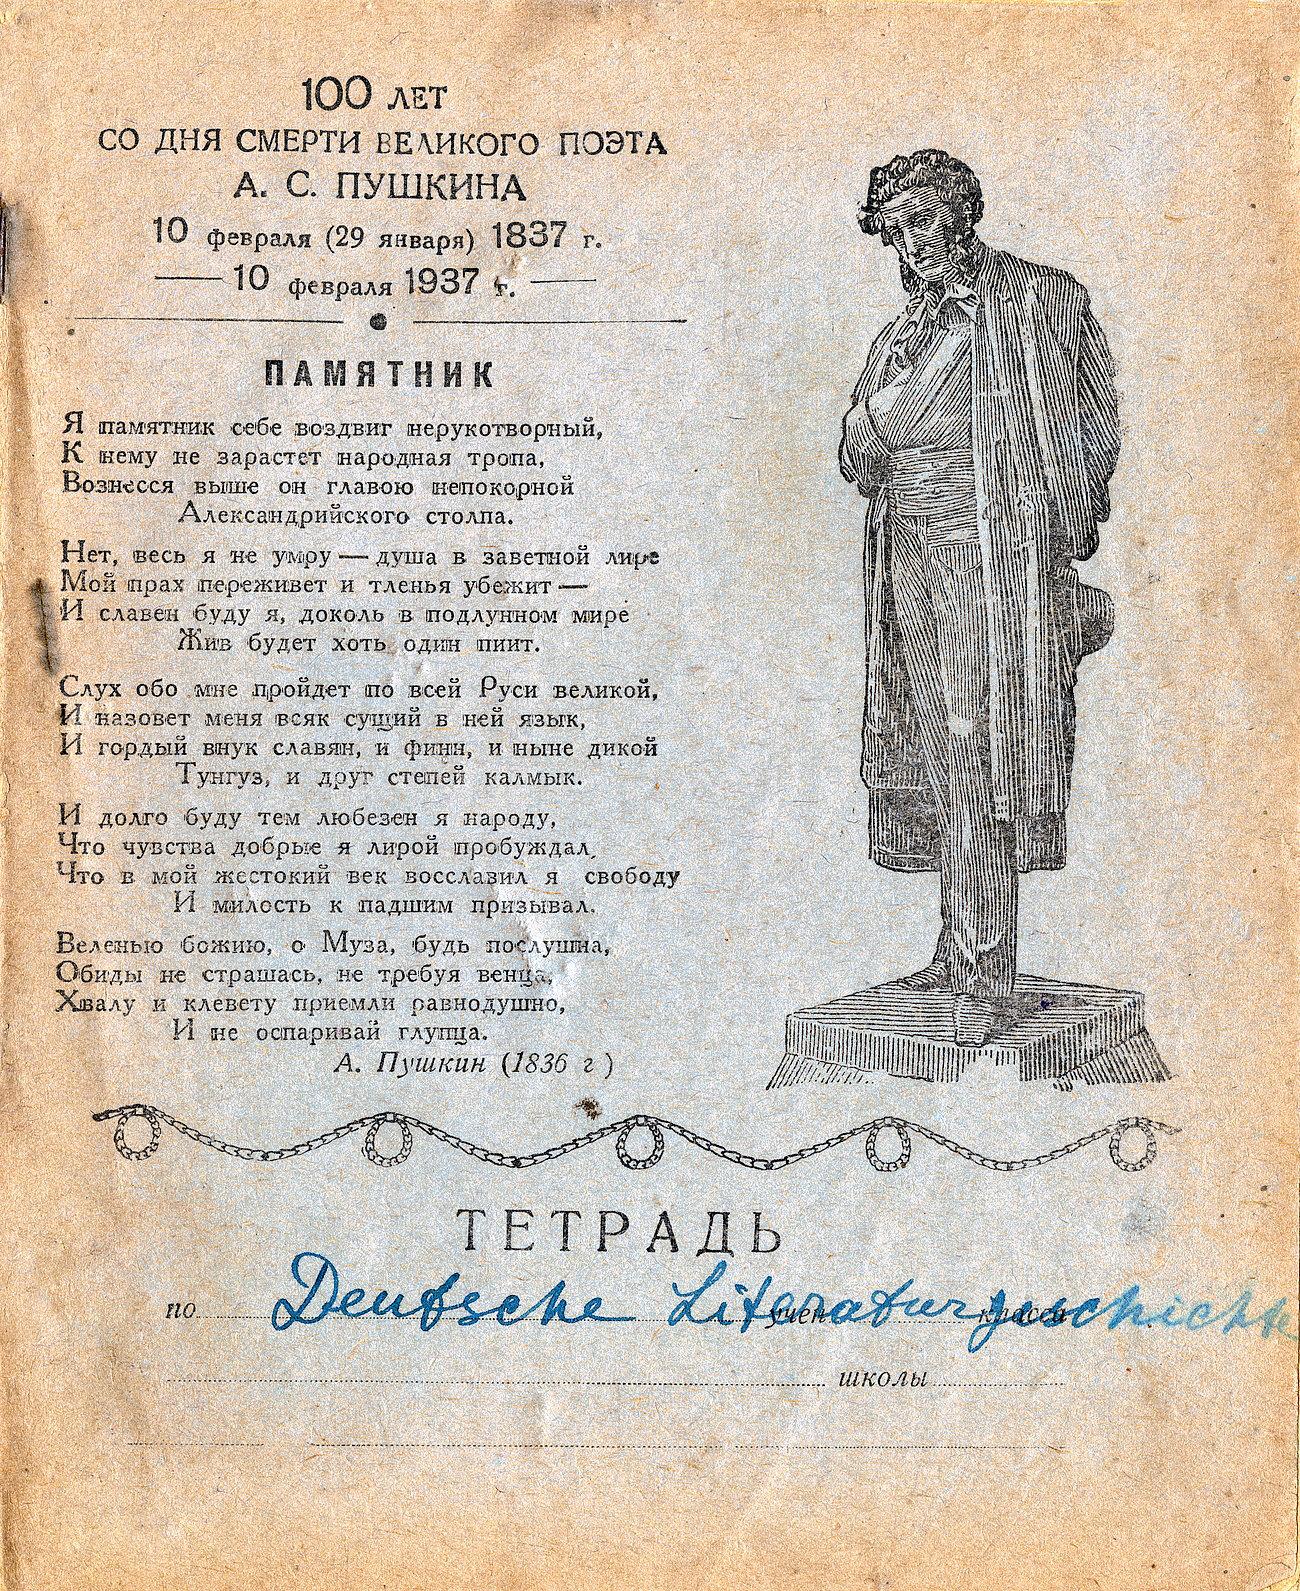 Тетрадь Пушкин (3), 170х210